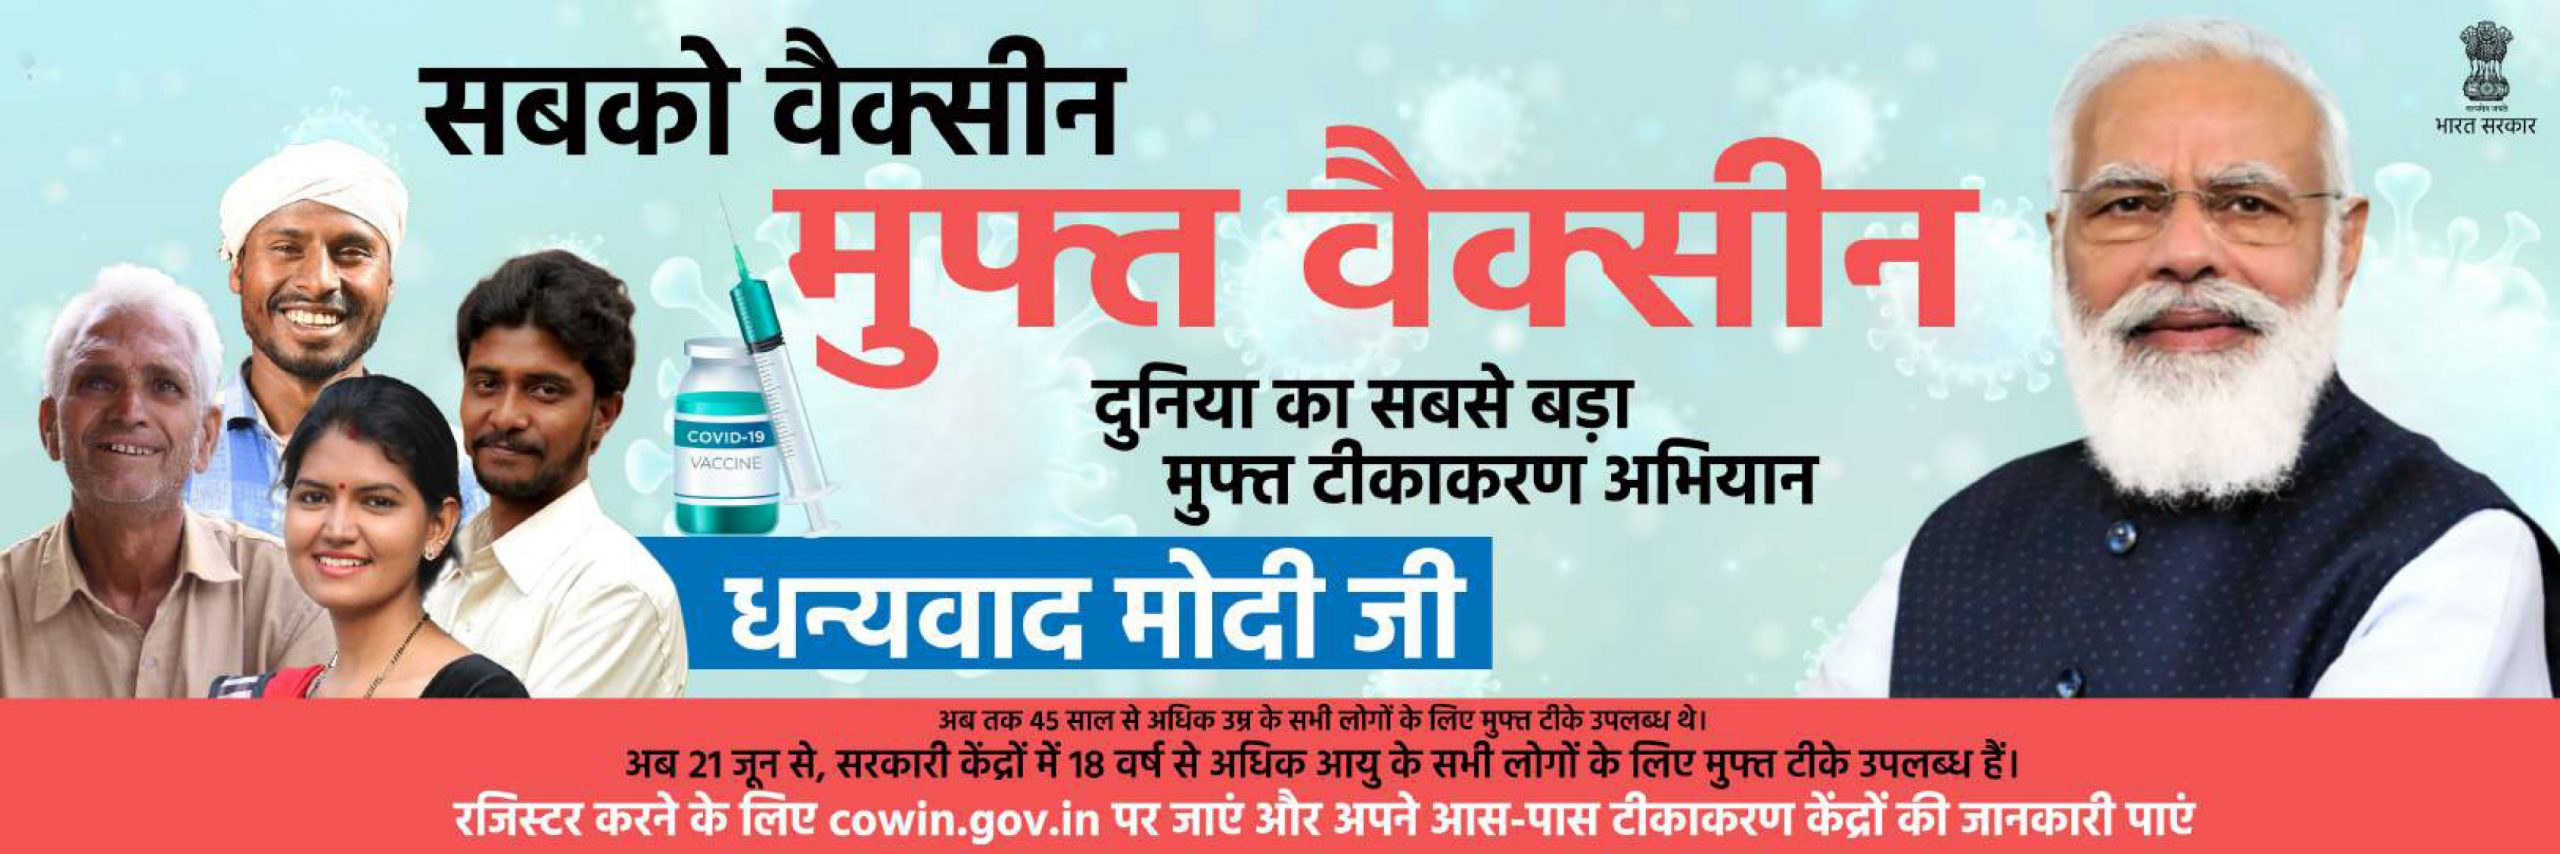 Free Vaccination hindi